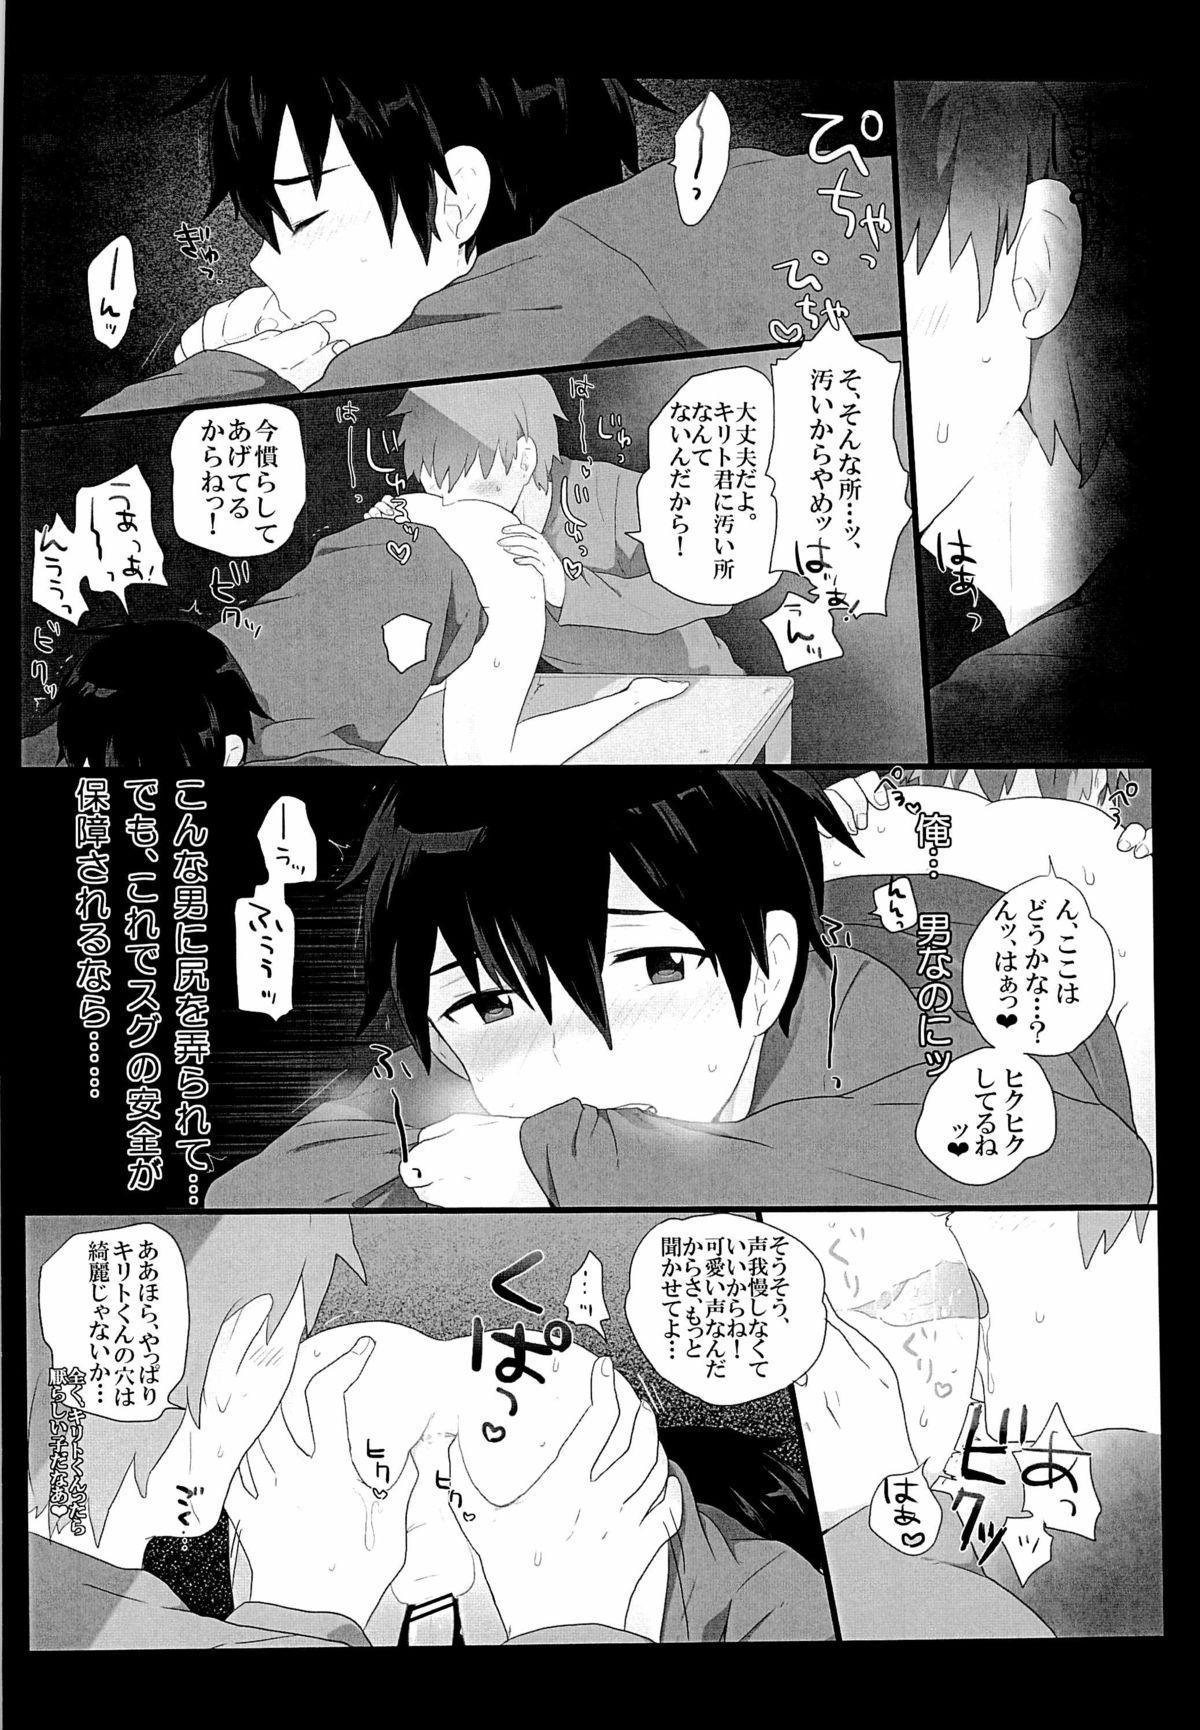 Kuro no Kenshi o Zenryoku de Kouryaku Shitai! 10